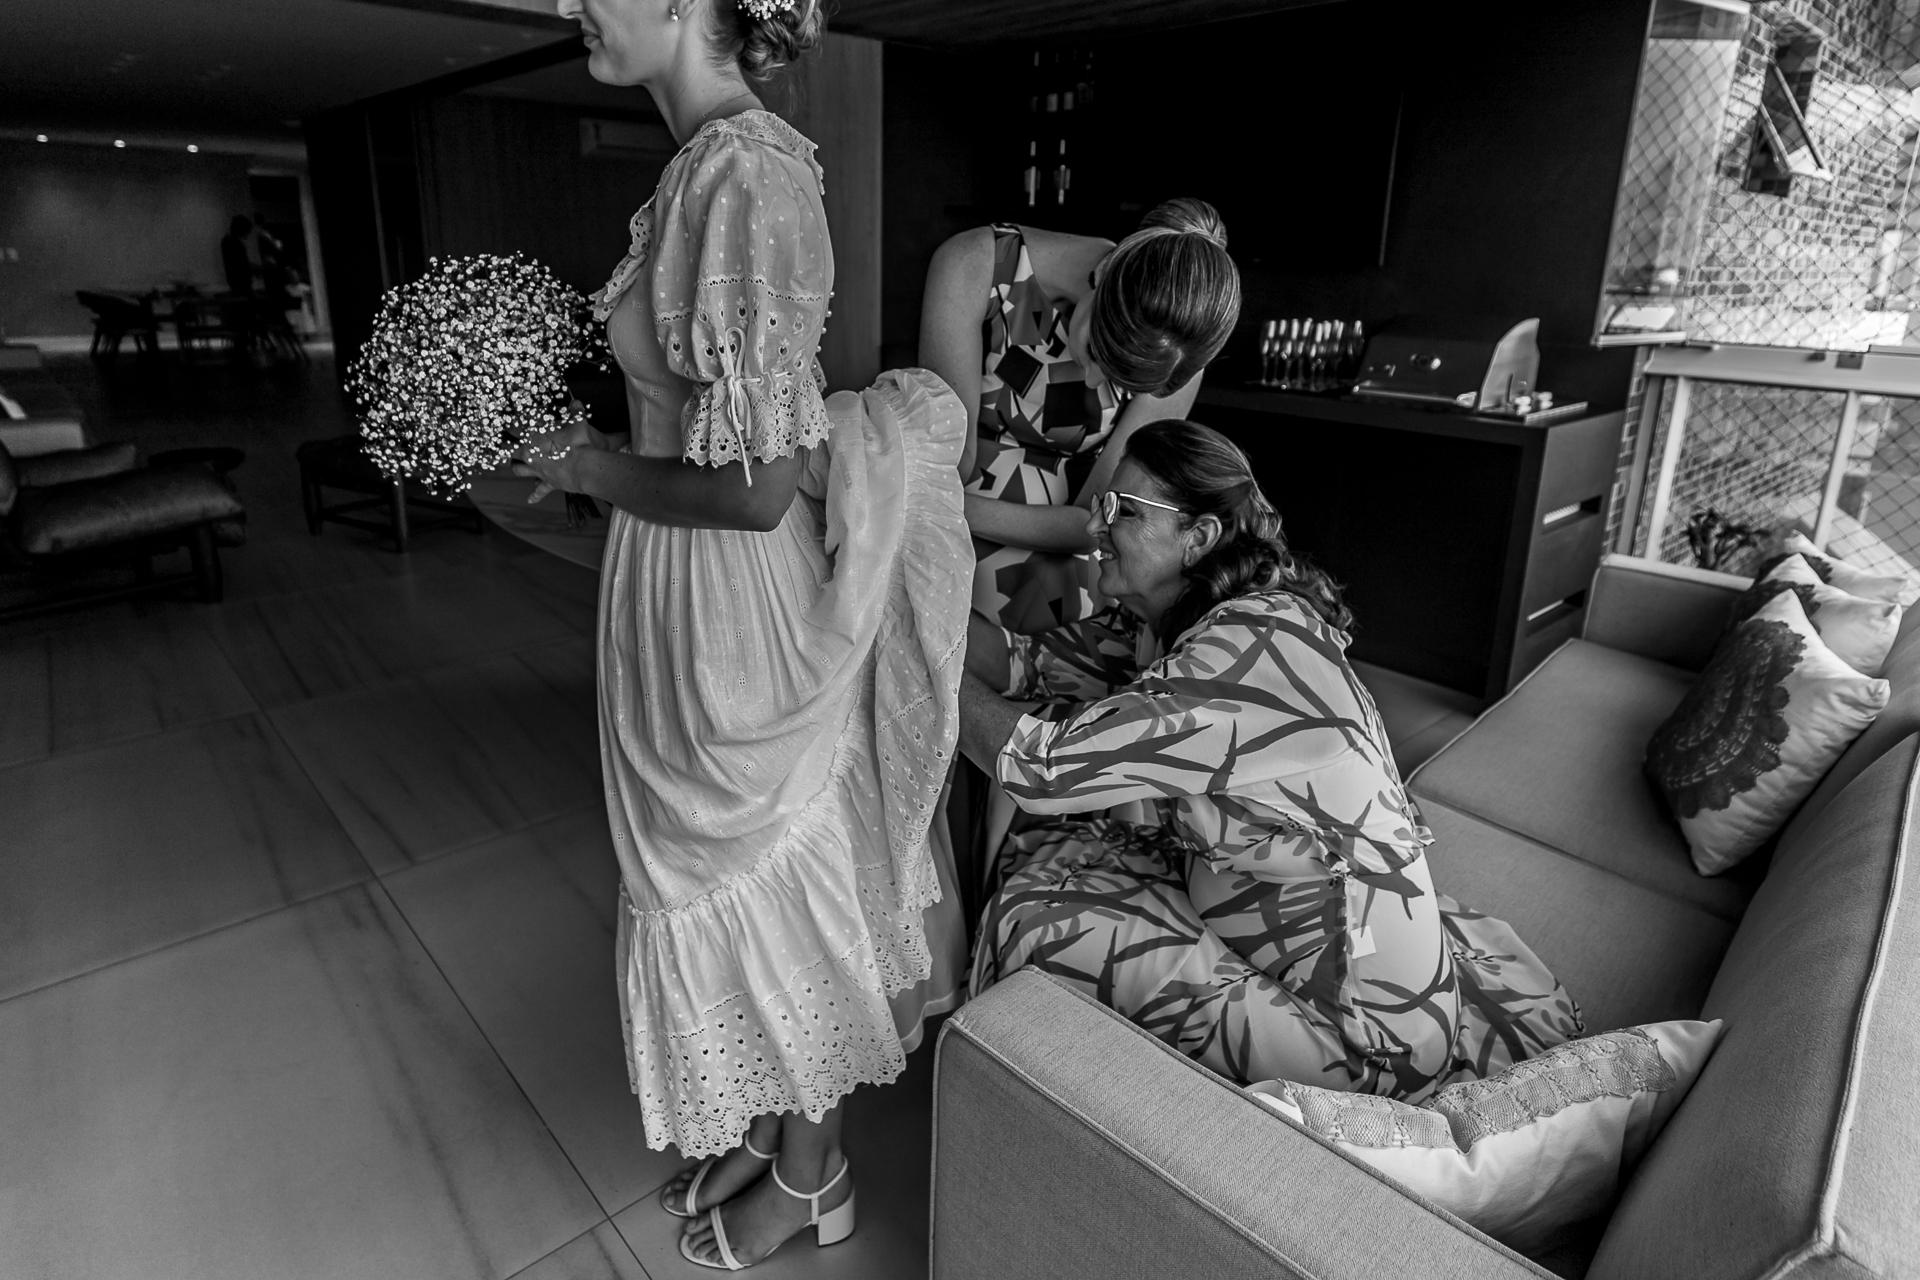 Maceio, AL, photo de fixation de robe de mariée du Brésil | La mère et la soeur de la mariée s'affairent avec sa robe et s'assurent qu'elle a l'air bien